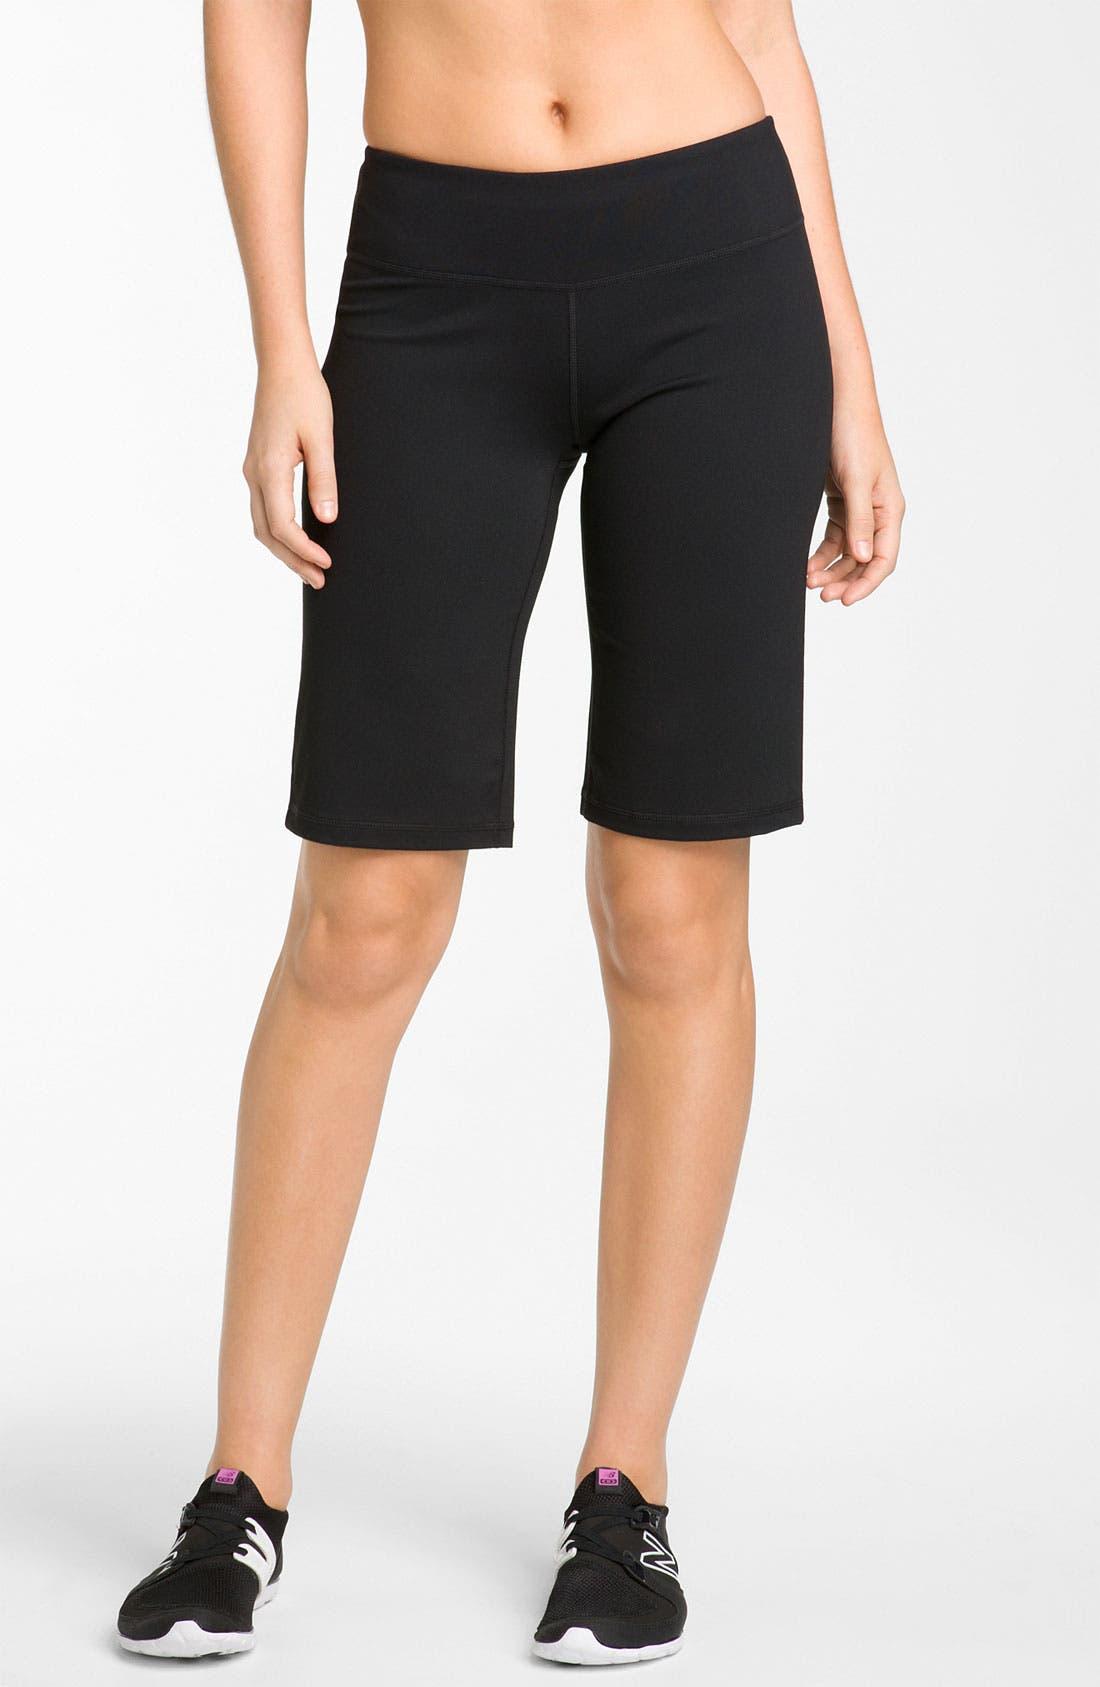 Alternate Image 1 Selected - Zella 'Balance 2' Shorts